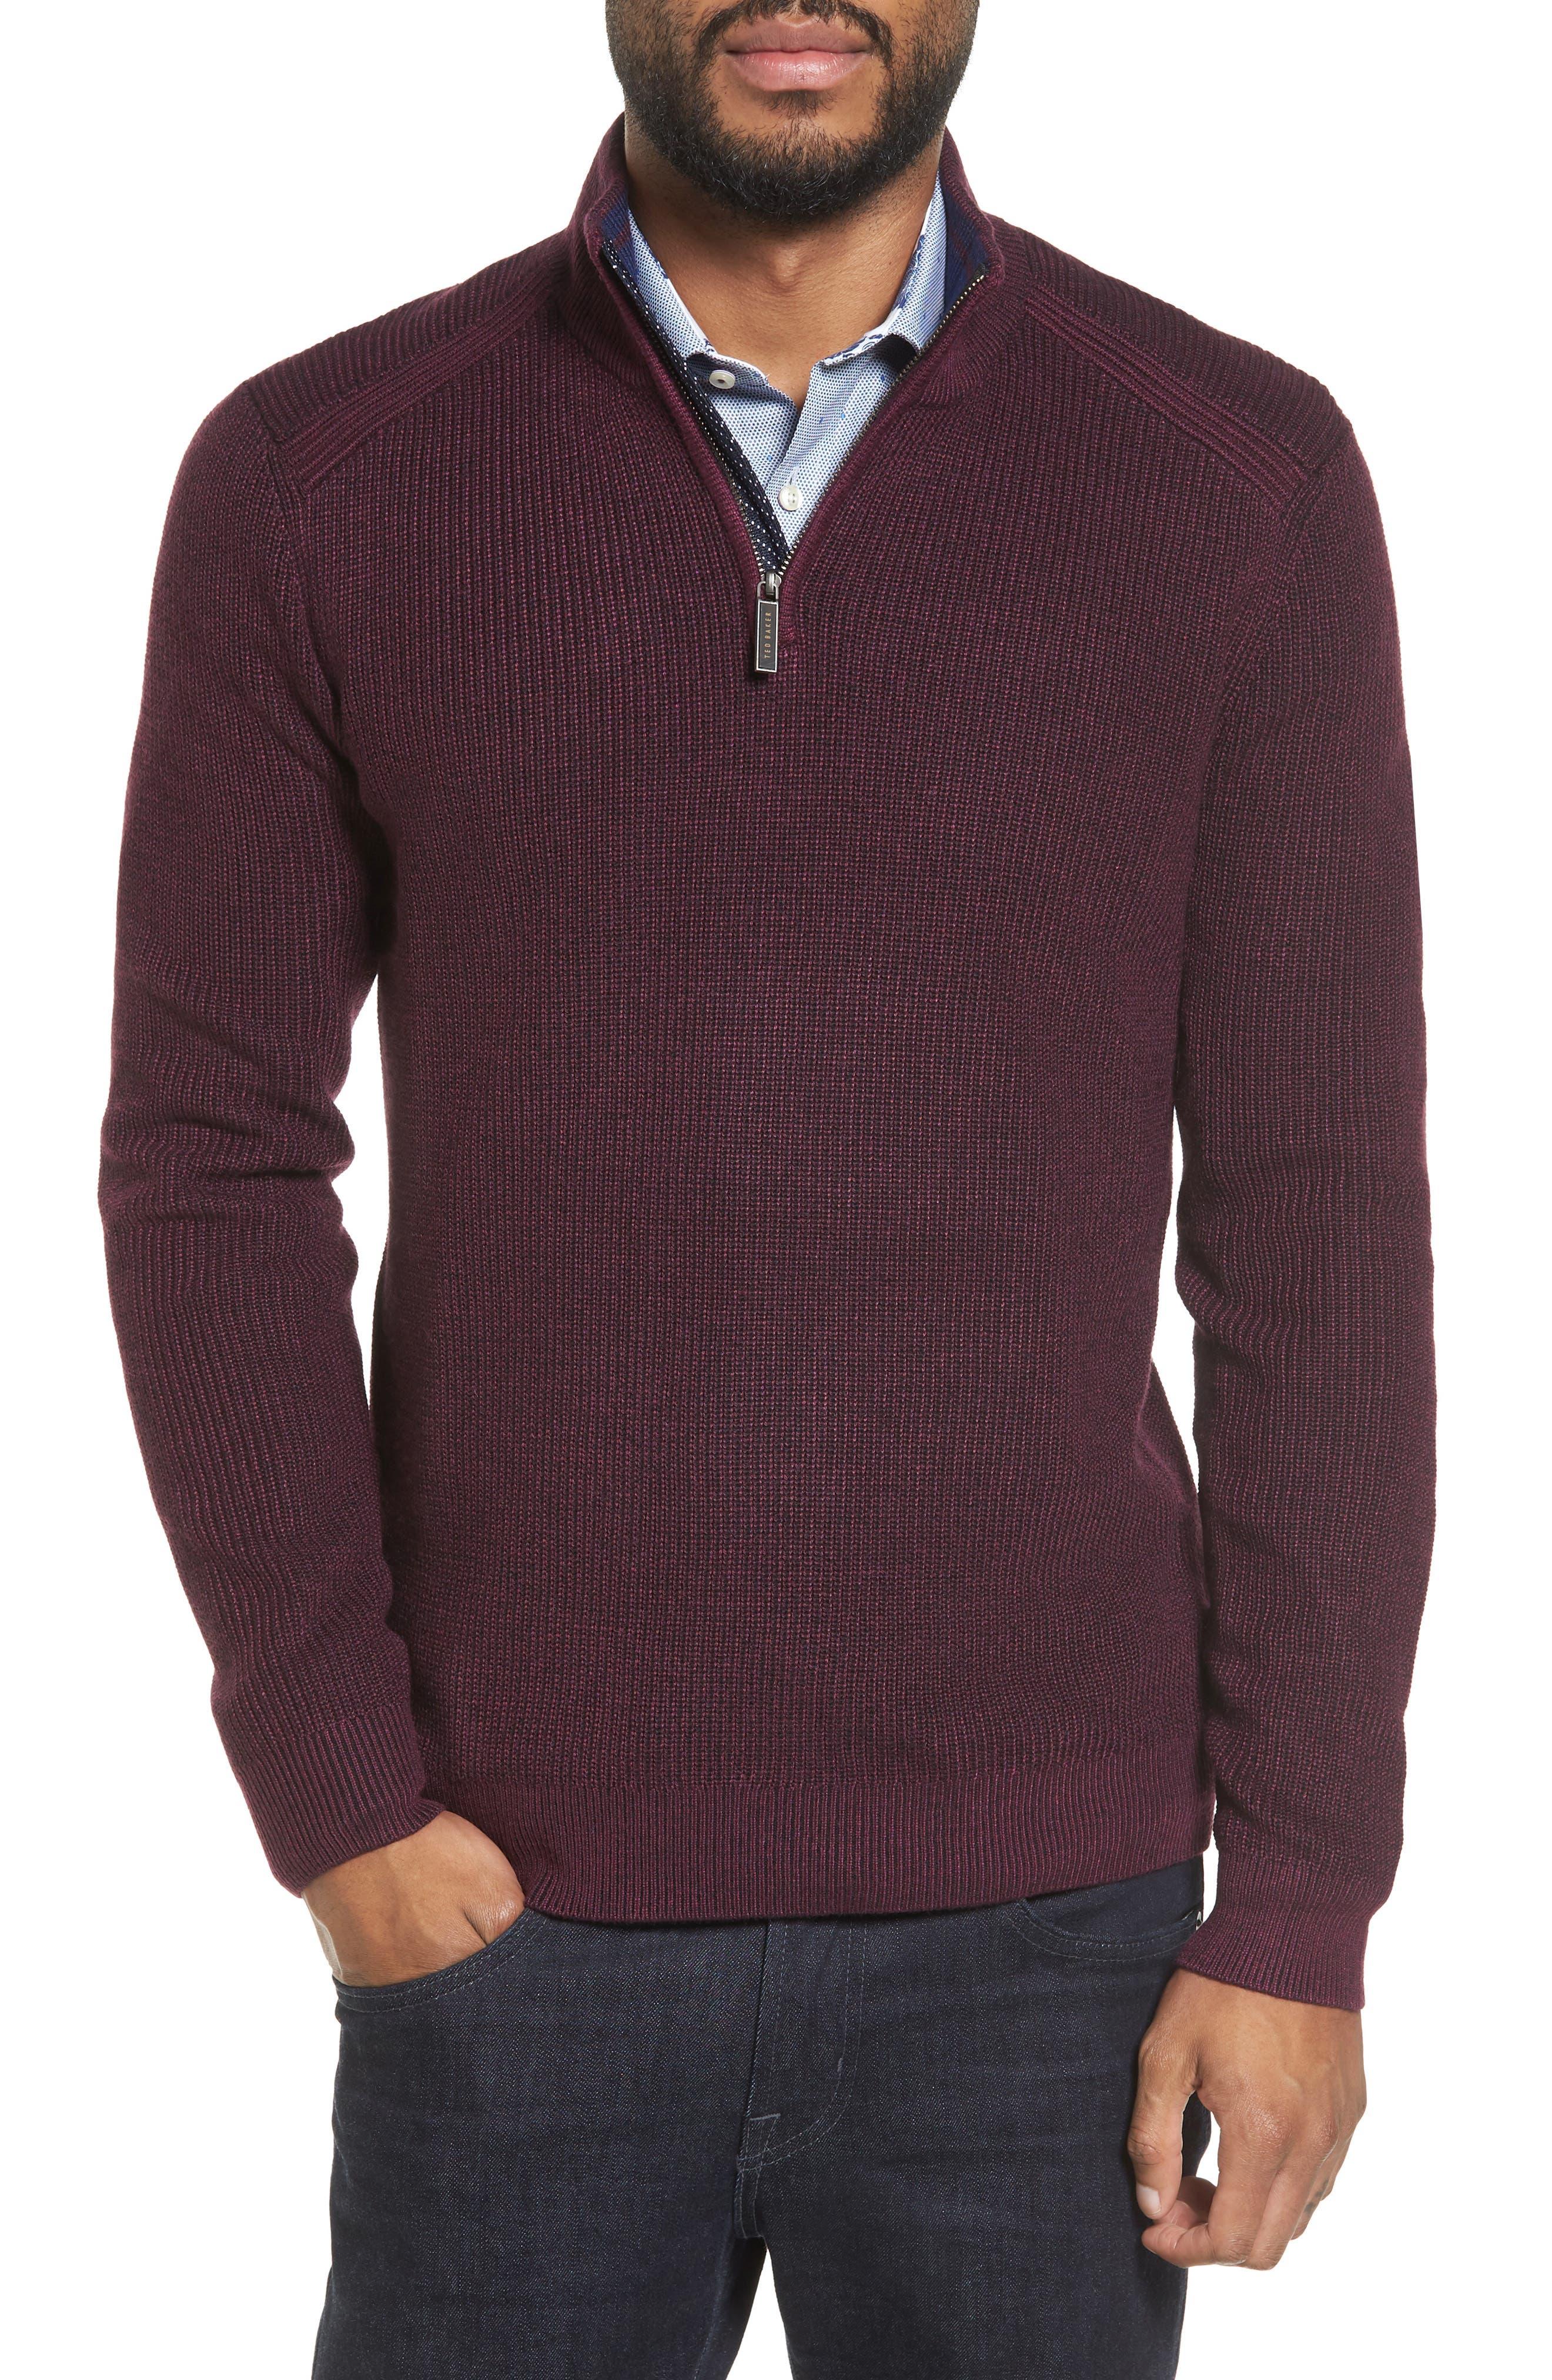 Stach Quarter Zip Sweater,                             Main thumbnail 1, color,                             Purple